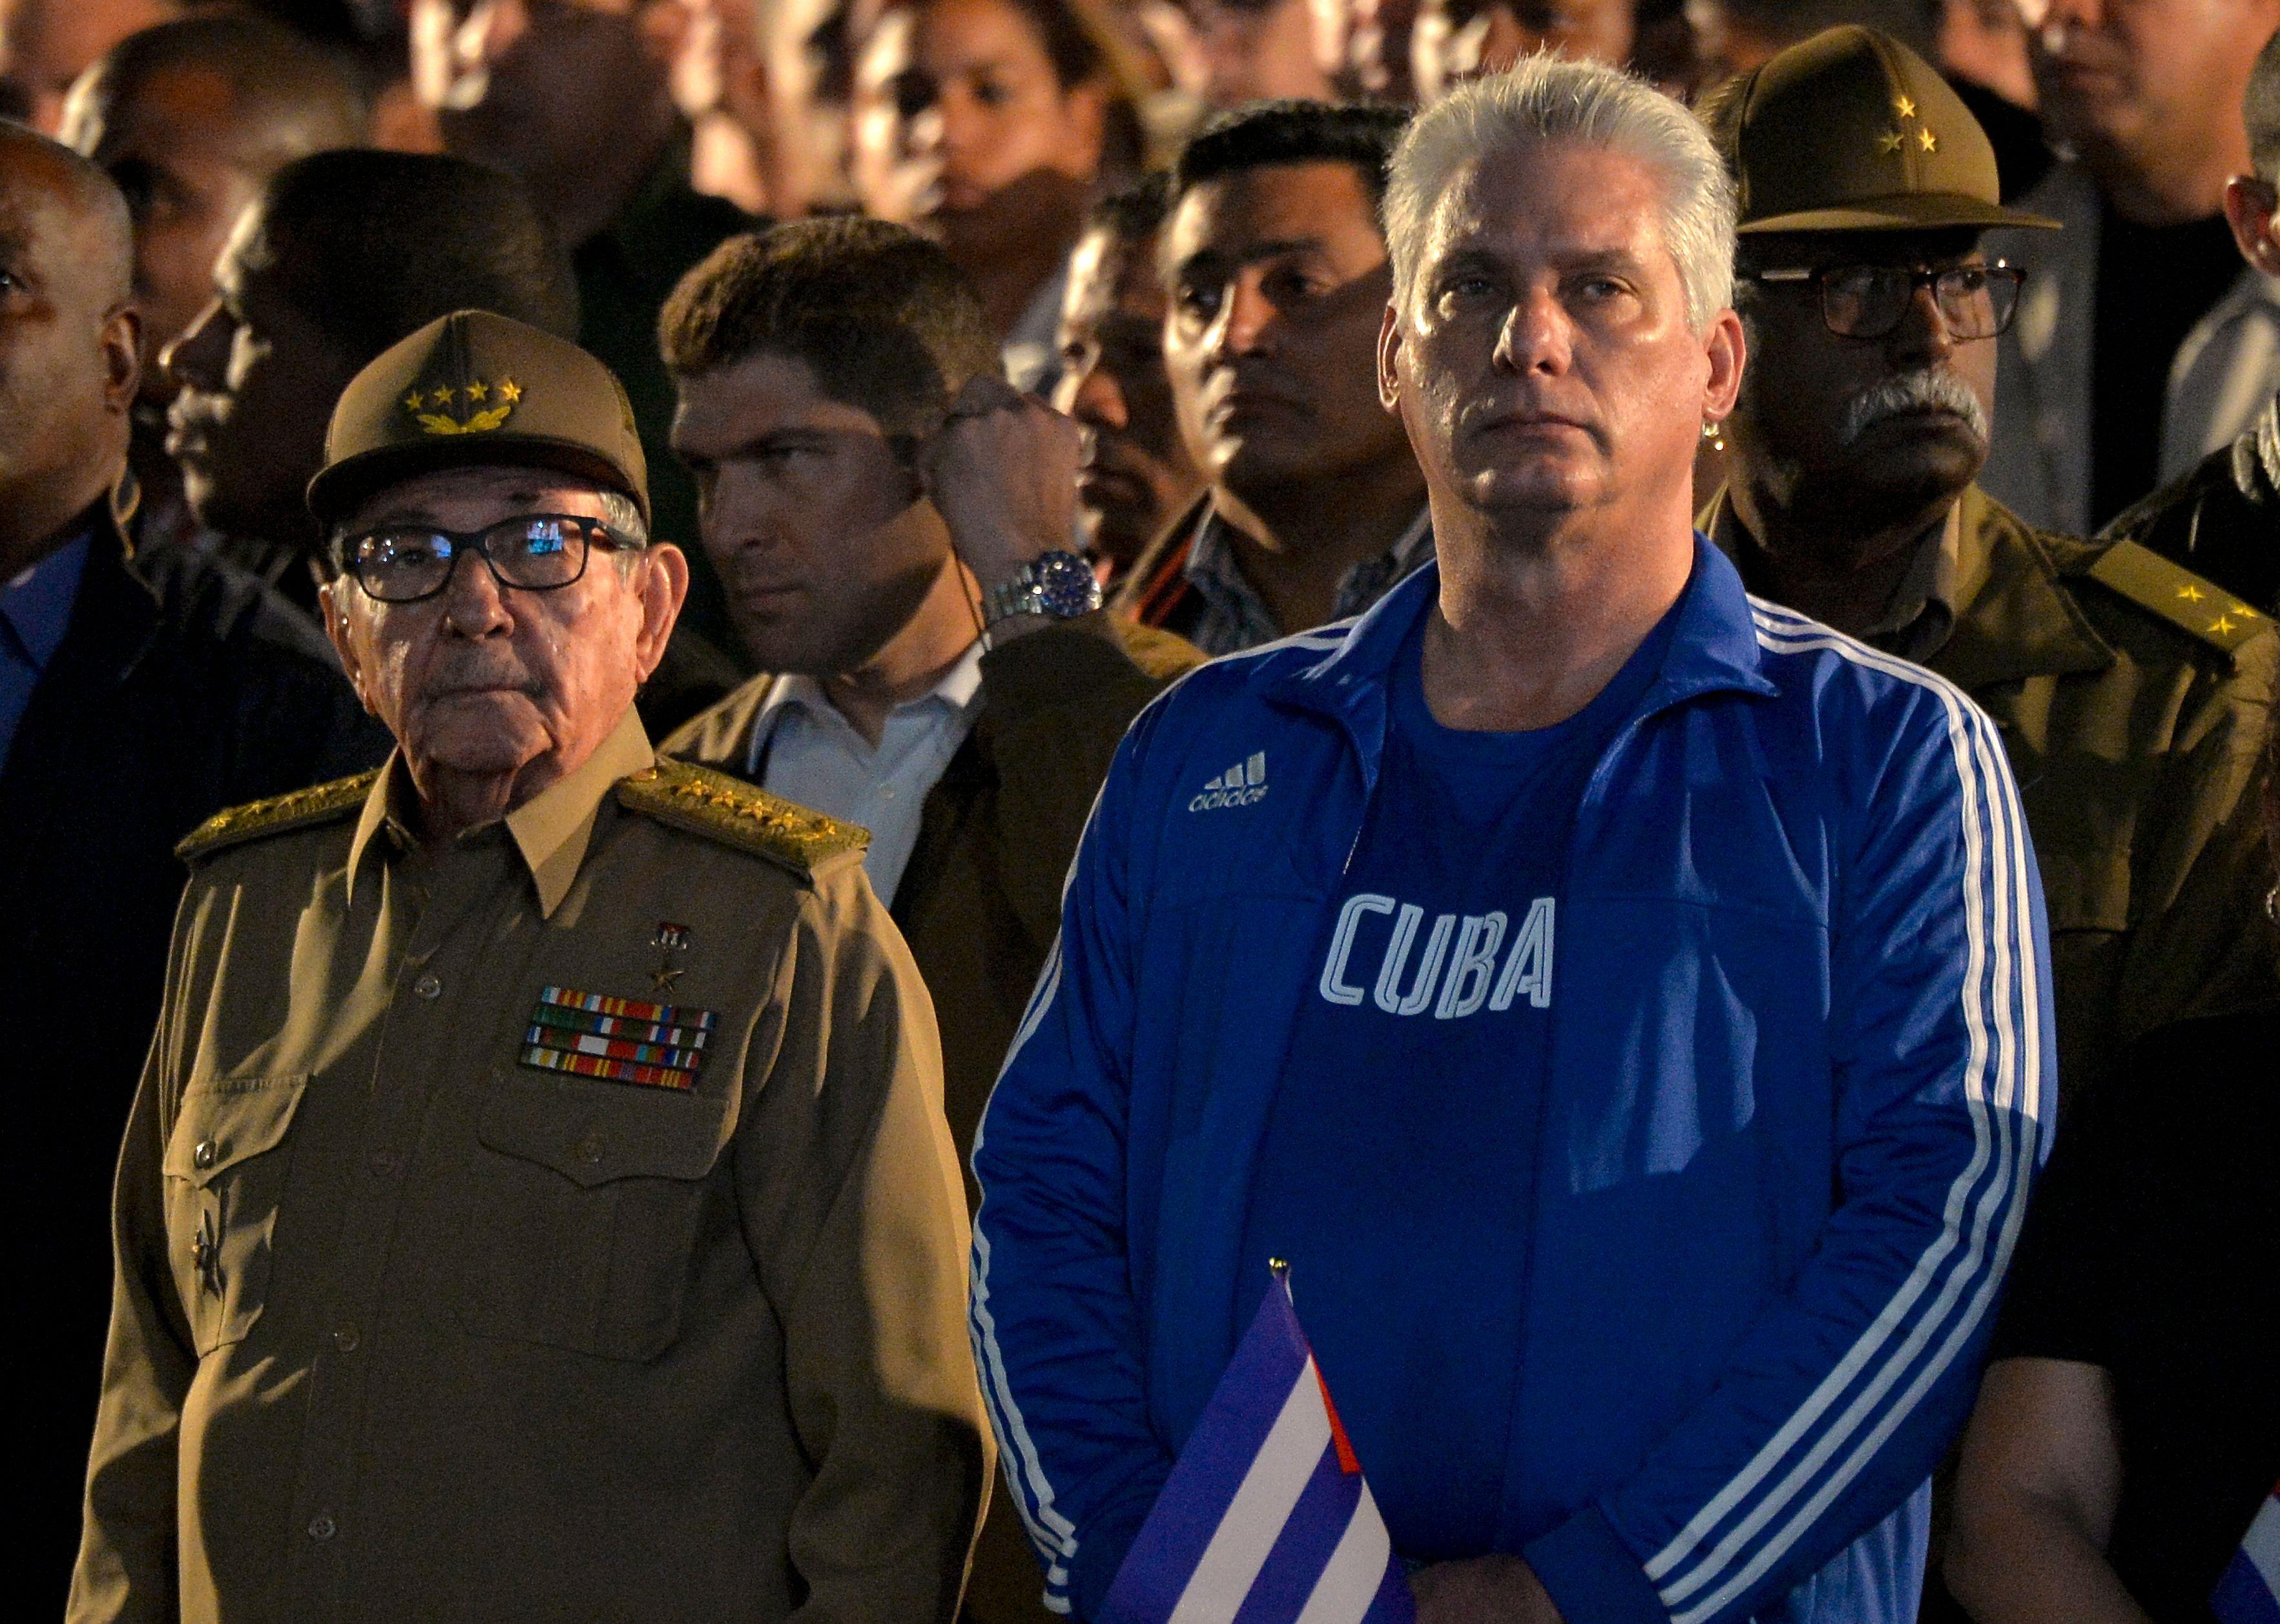 El Partido Comunista de Cuba elige a Miguel Díaz-Canel como primer secretario en lugar de Raúl Castro